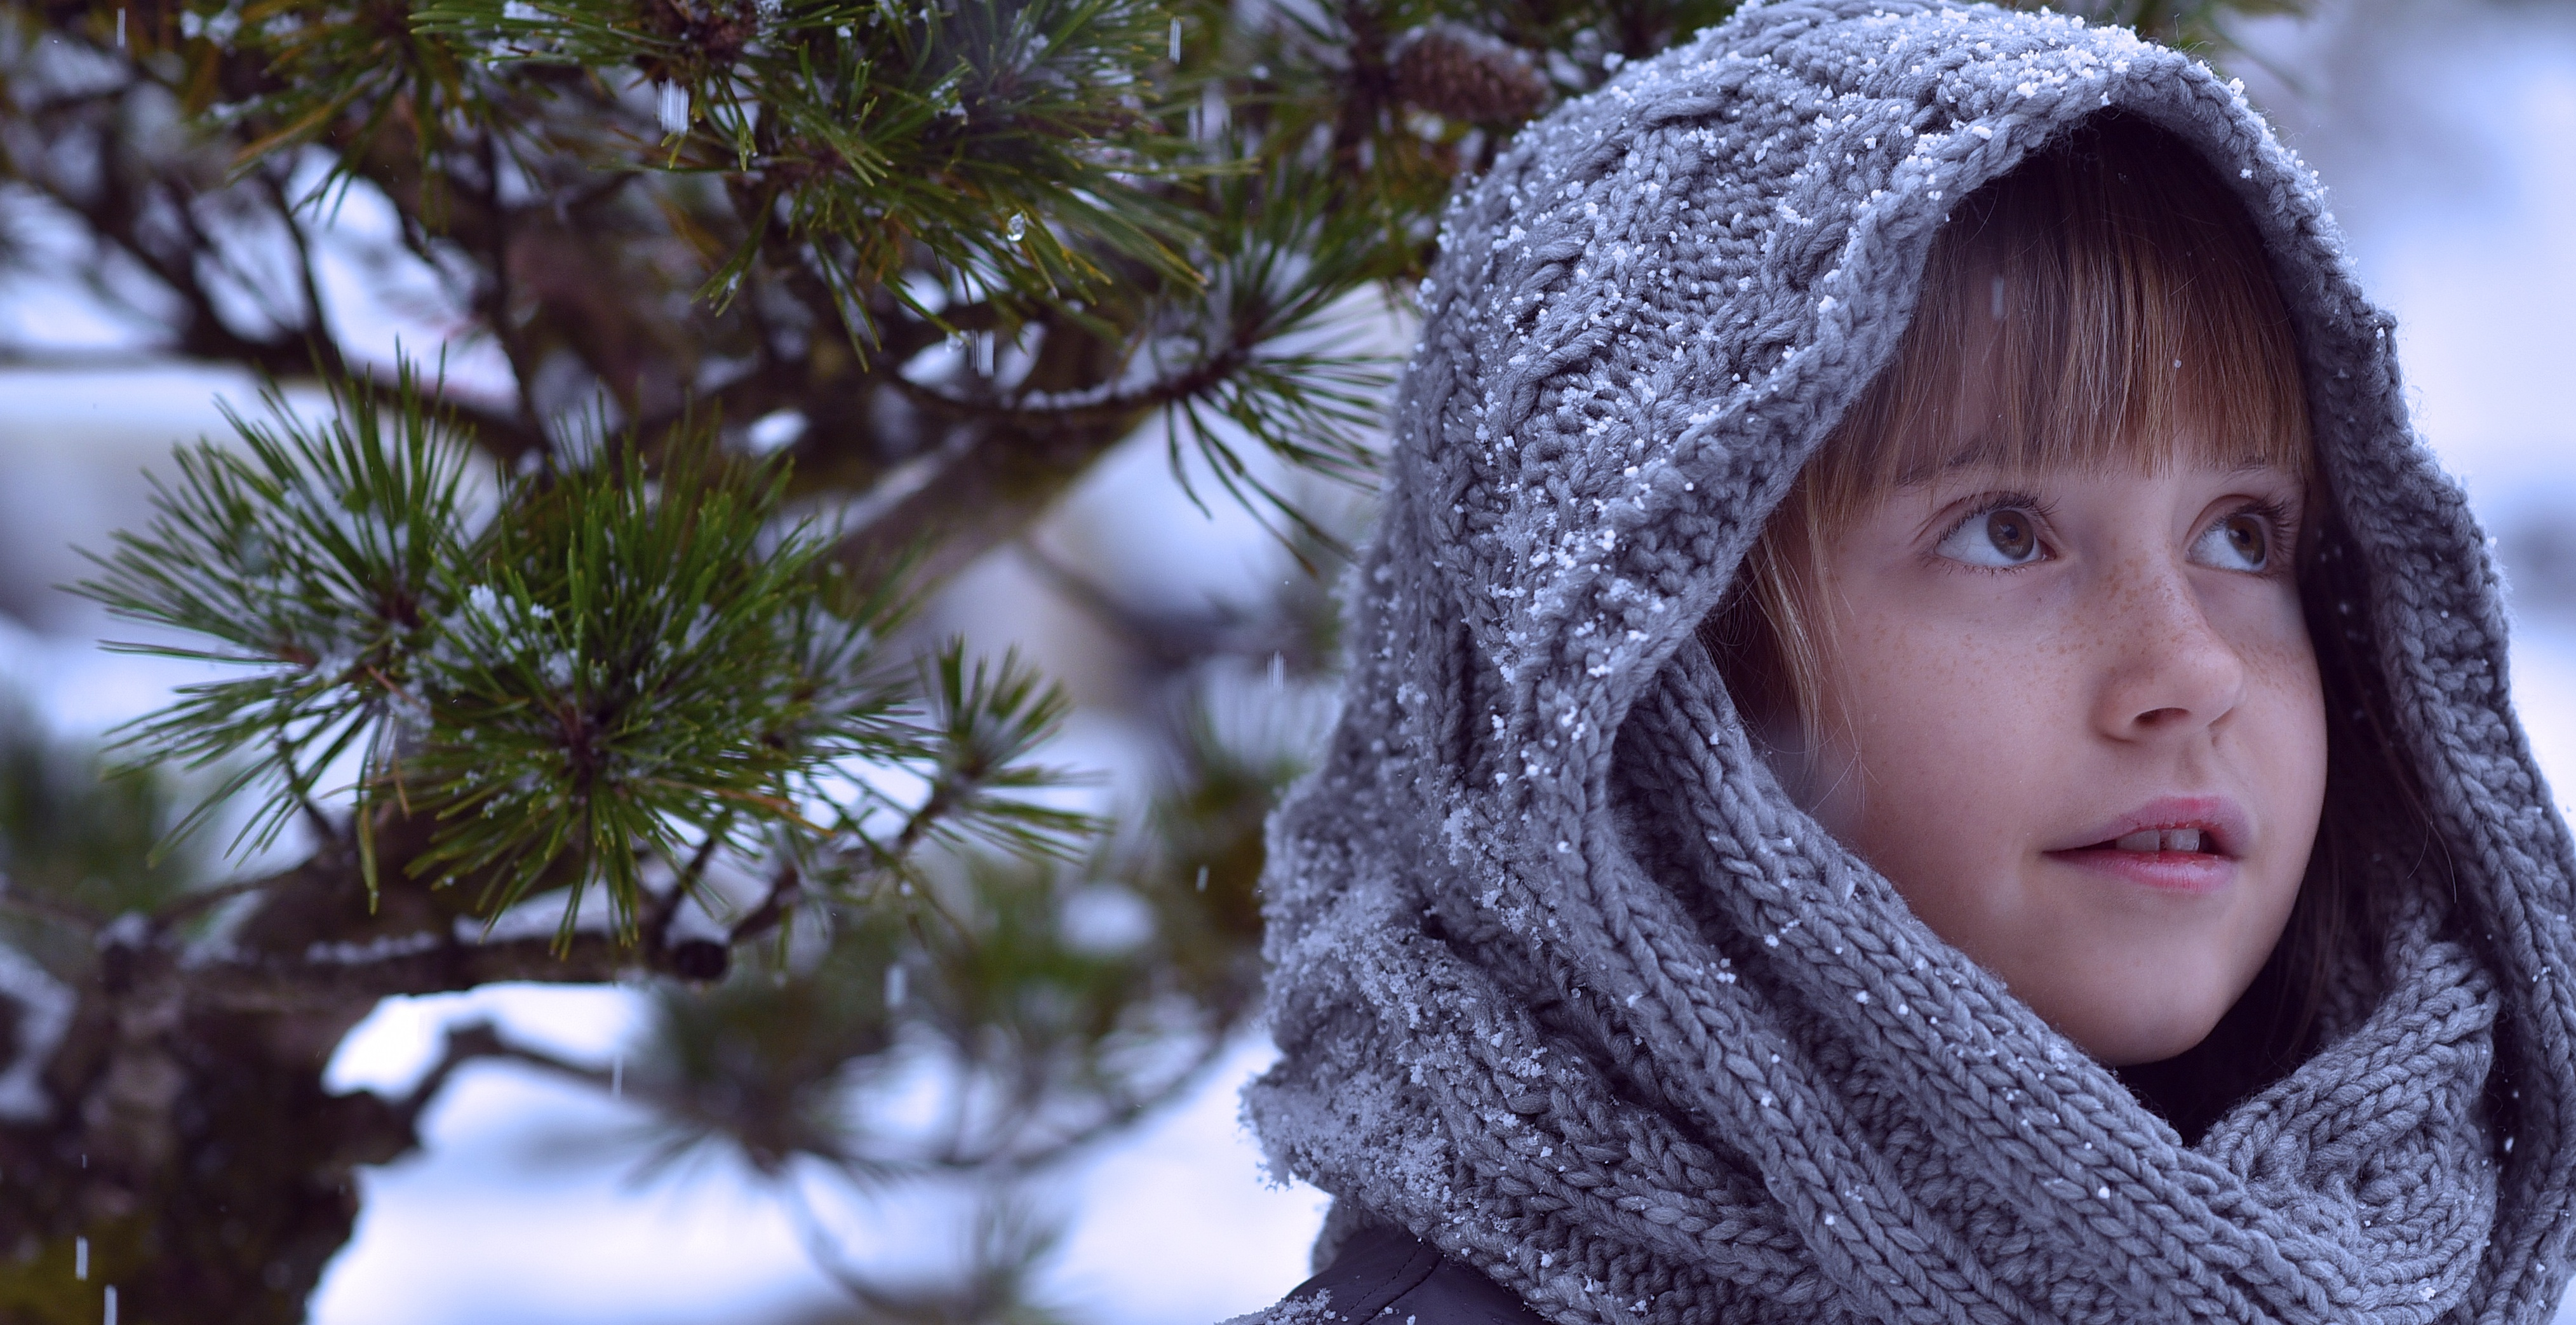 5 rzeczy, które pomogą Wam przetrwać zimę